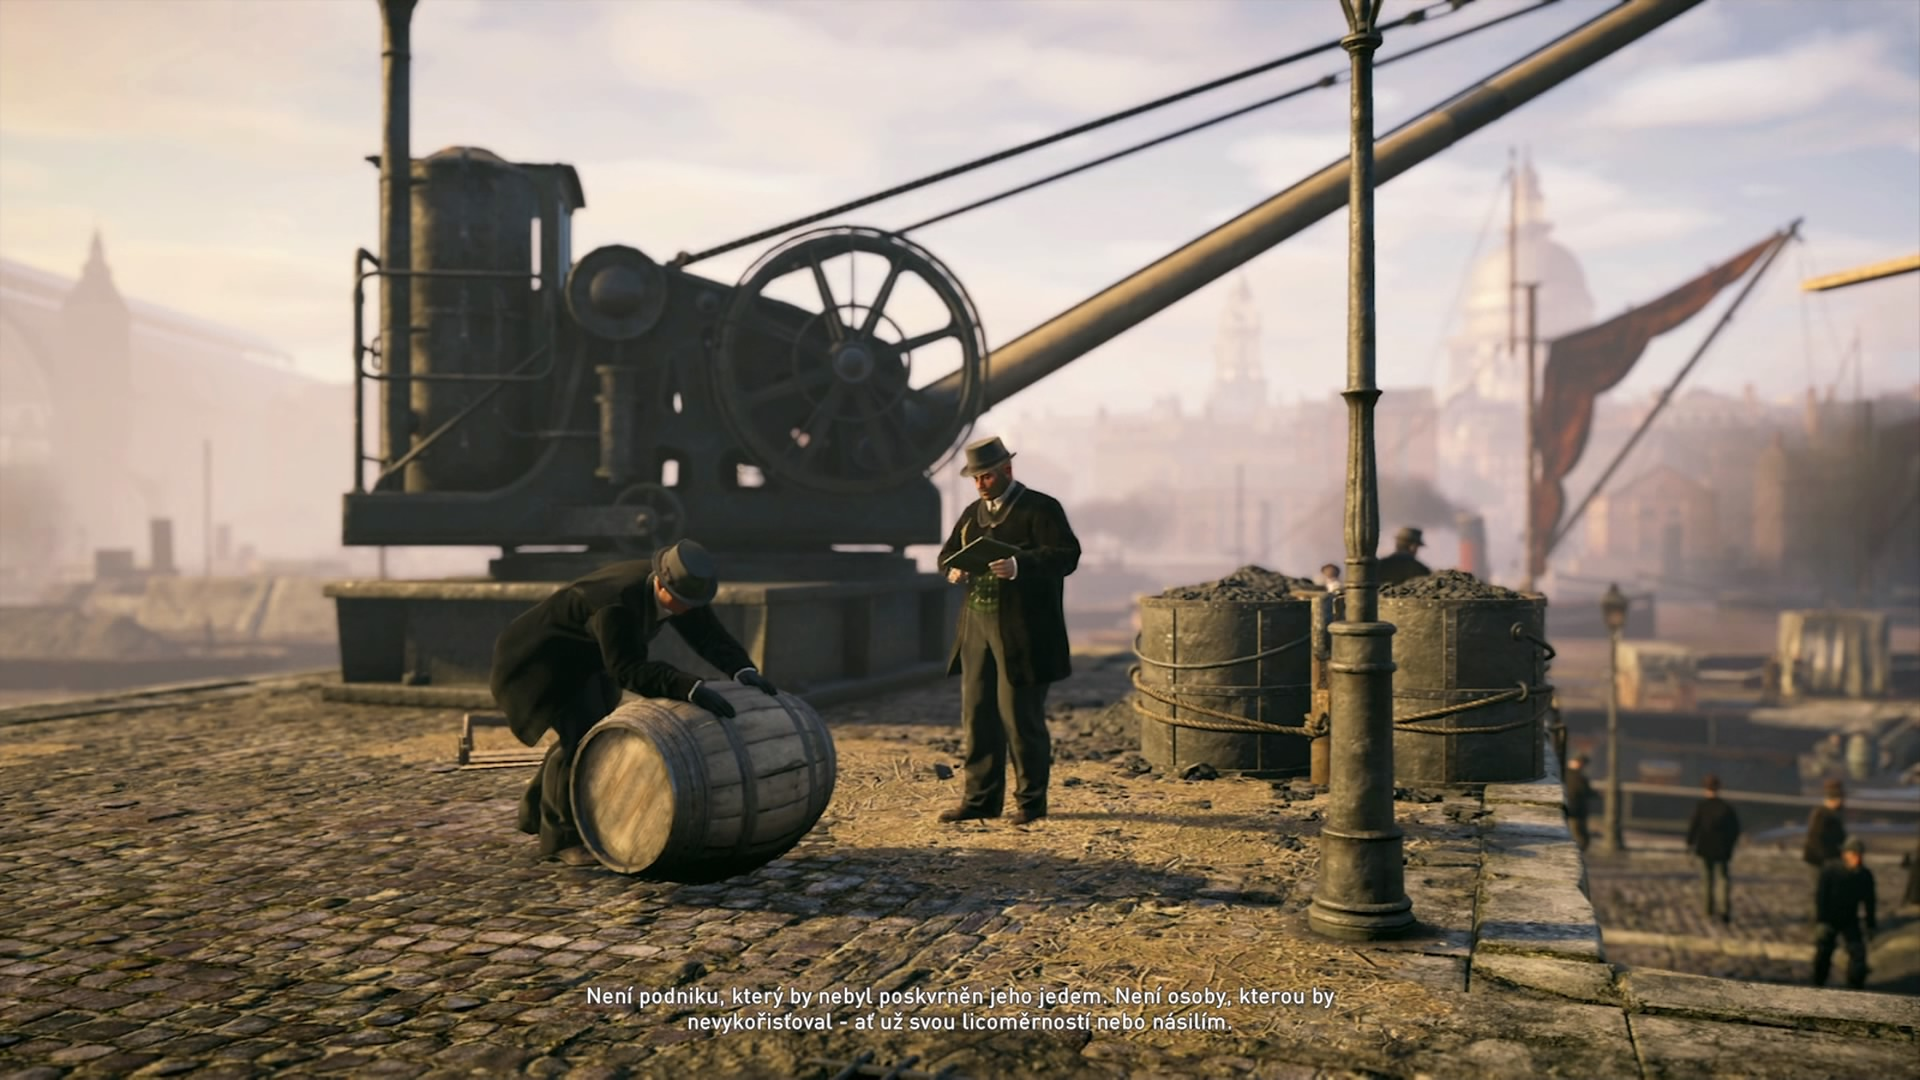 Čeština v Assassin's Creed: Syndicate je kompletní 115334